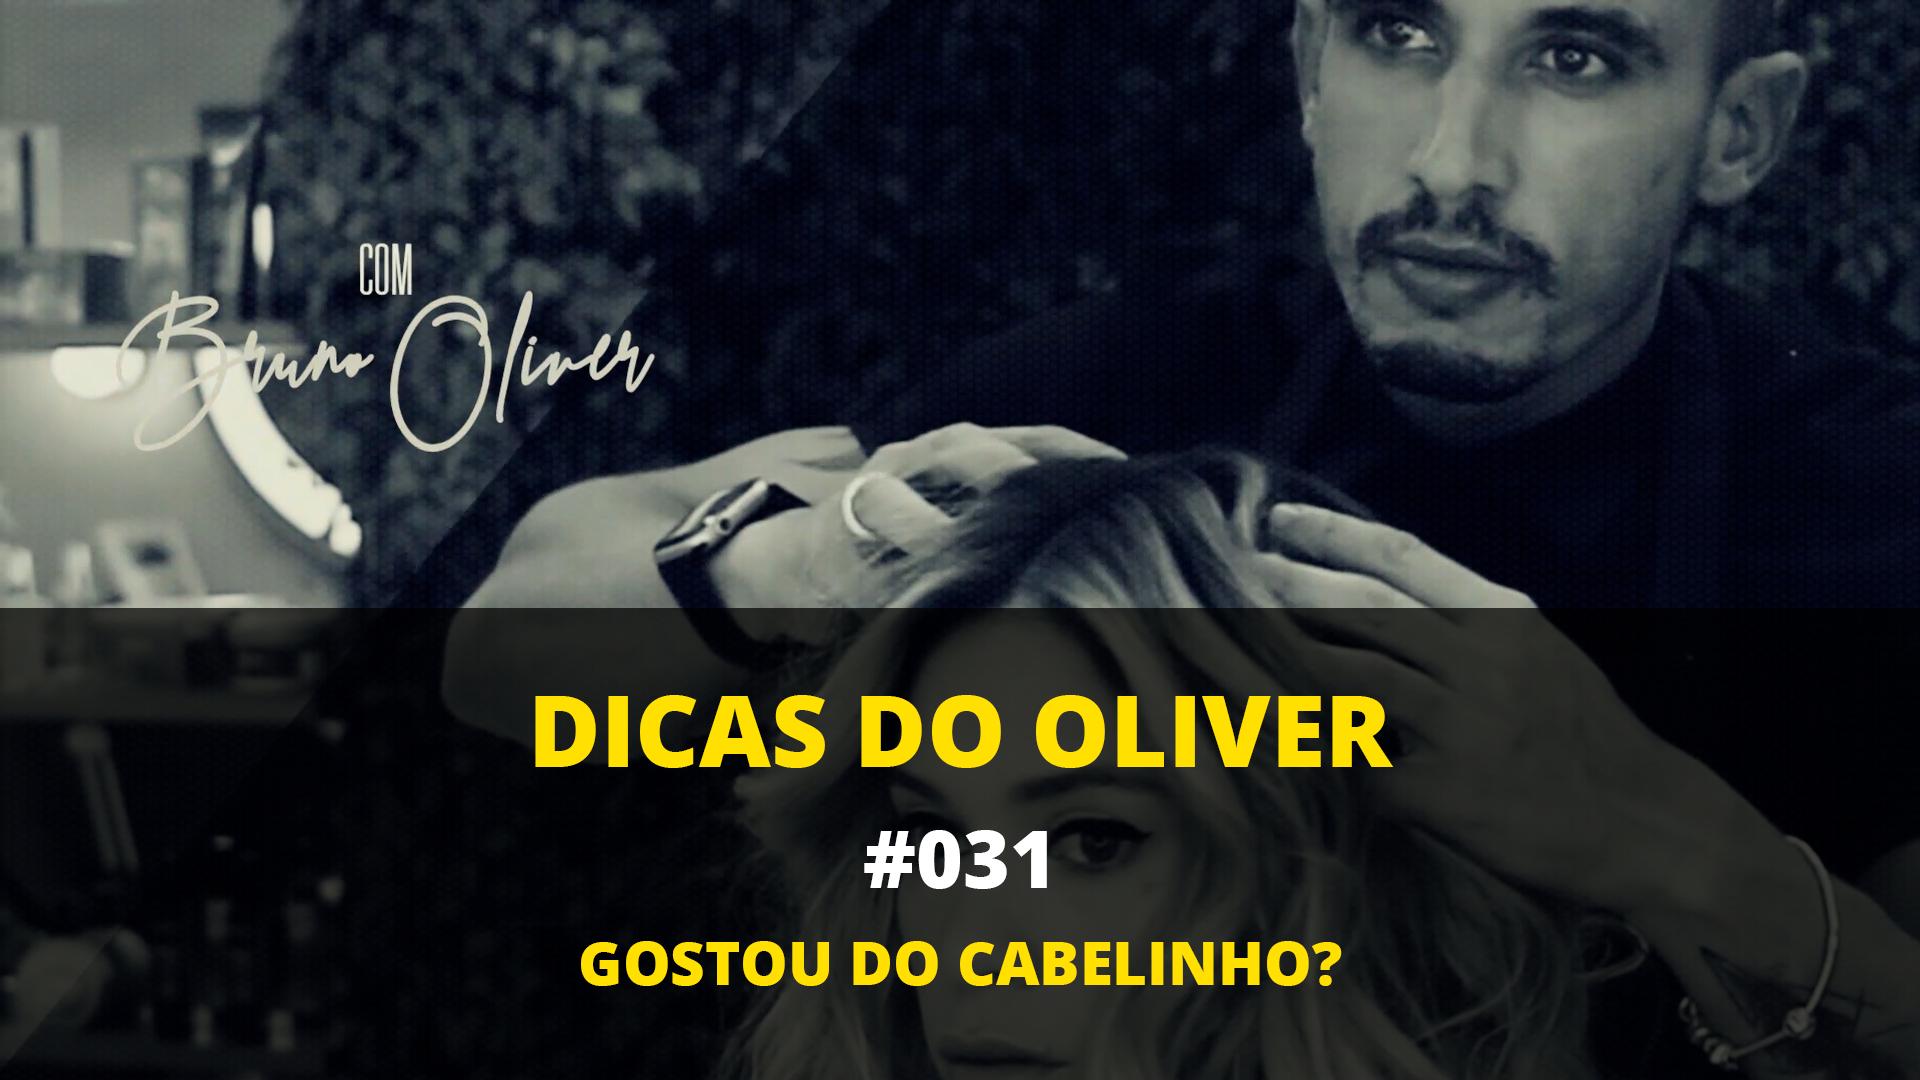 Dicas do Oliver 031